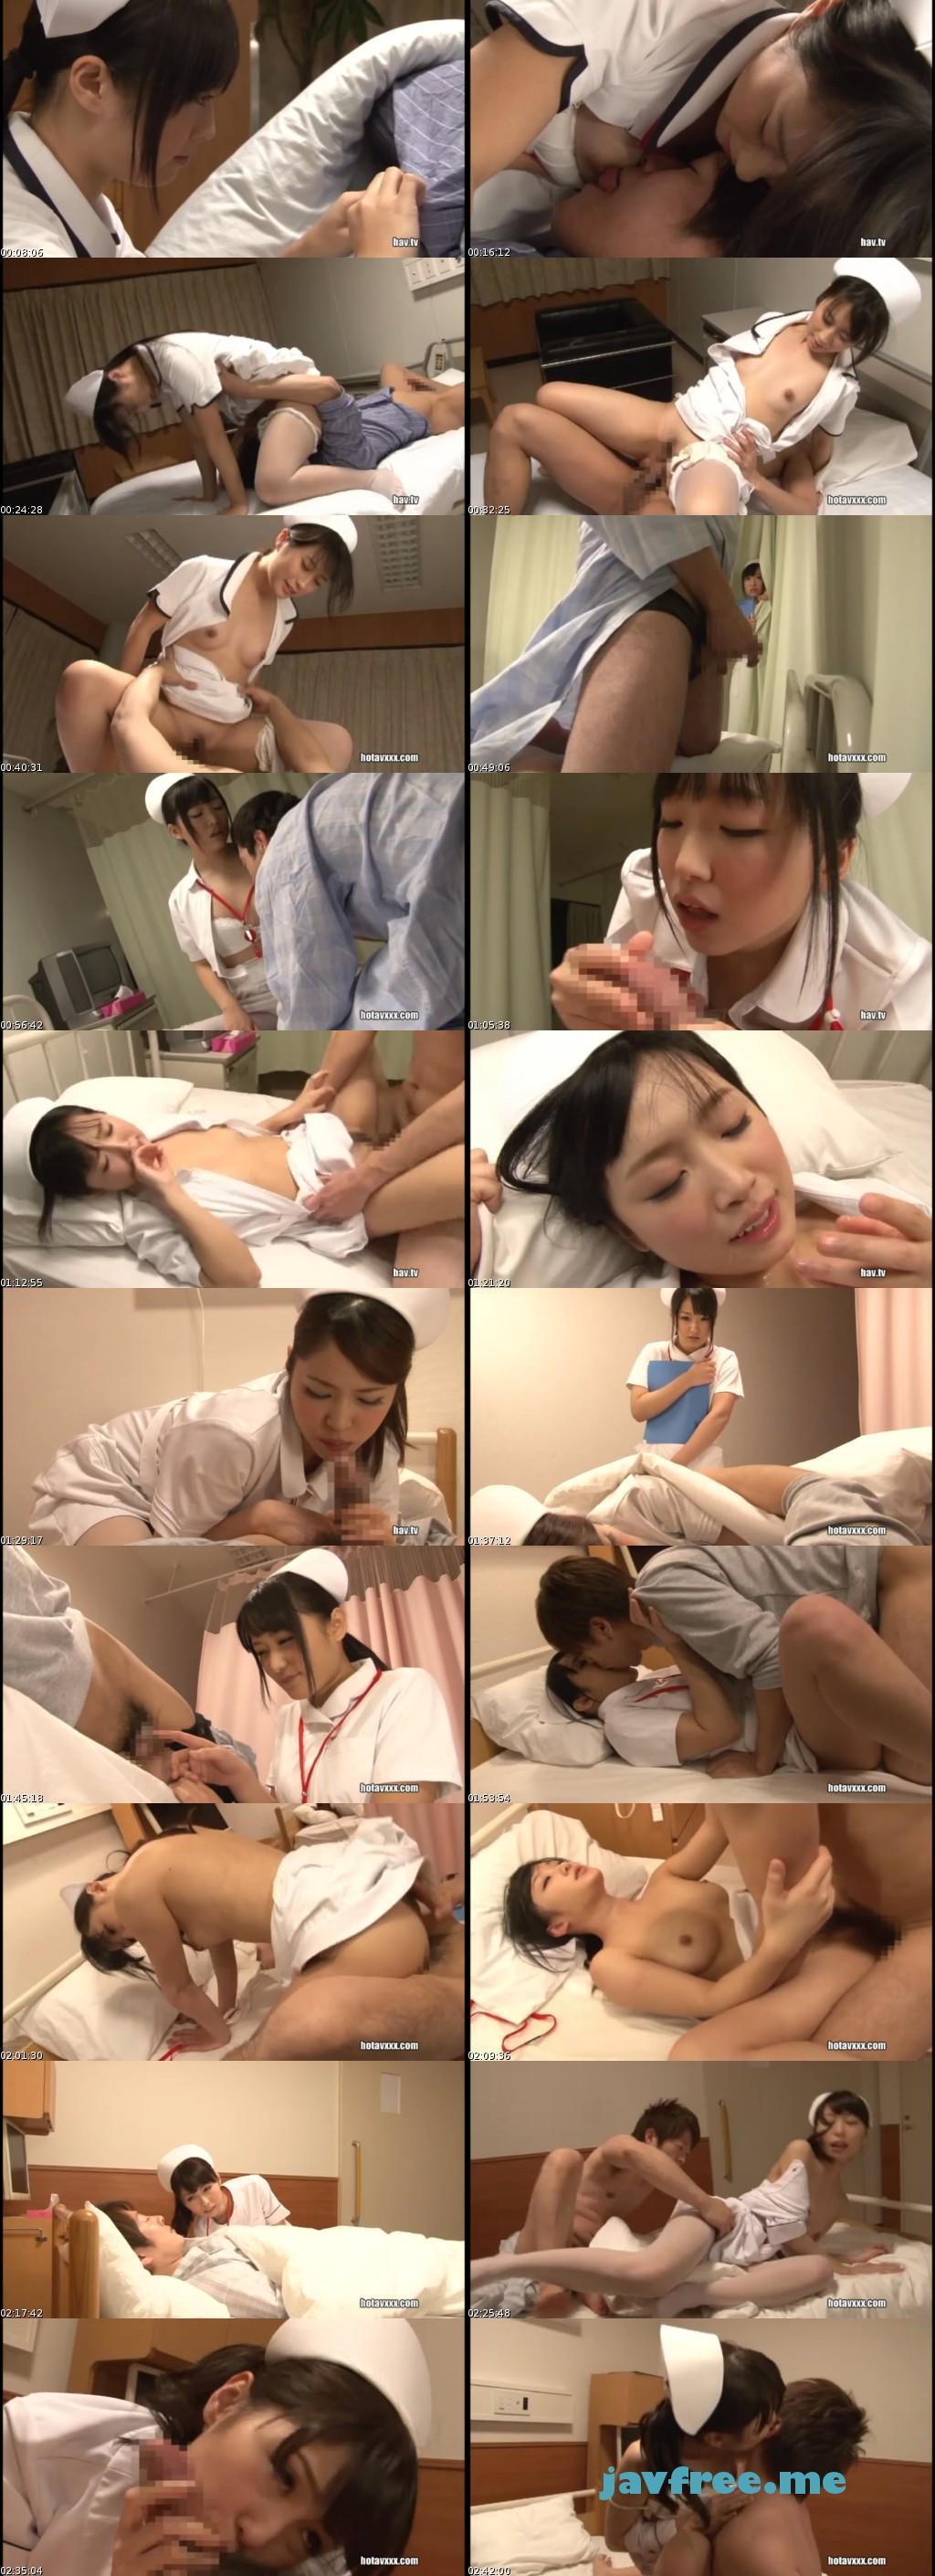 [FSET-424] 彼女が働く病院に入院してHしていたら、それを見て興奮した看護師が夜這いしてきた - image FSET-424 on https://javfree.me